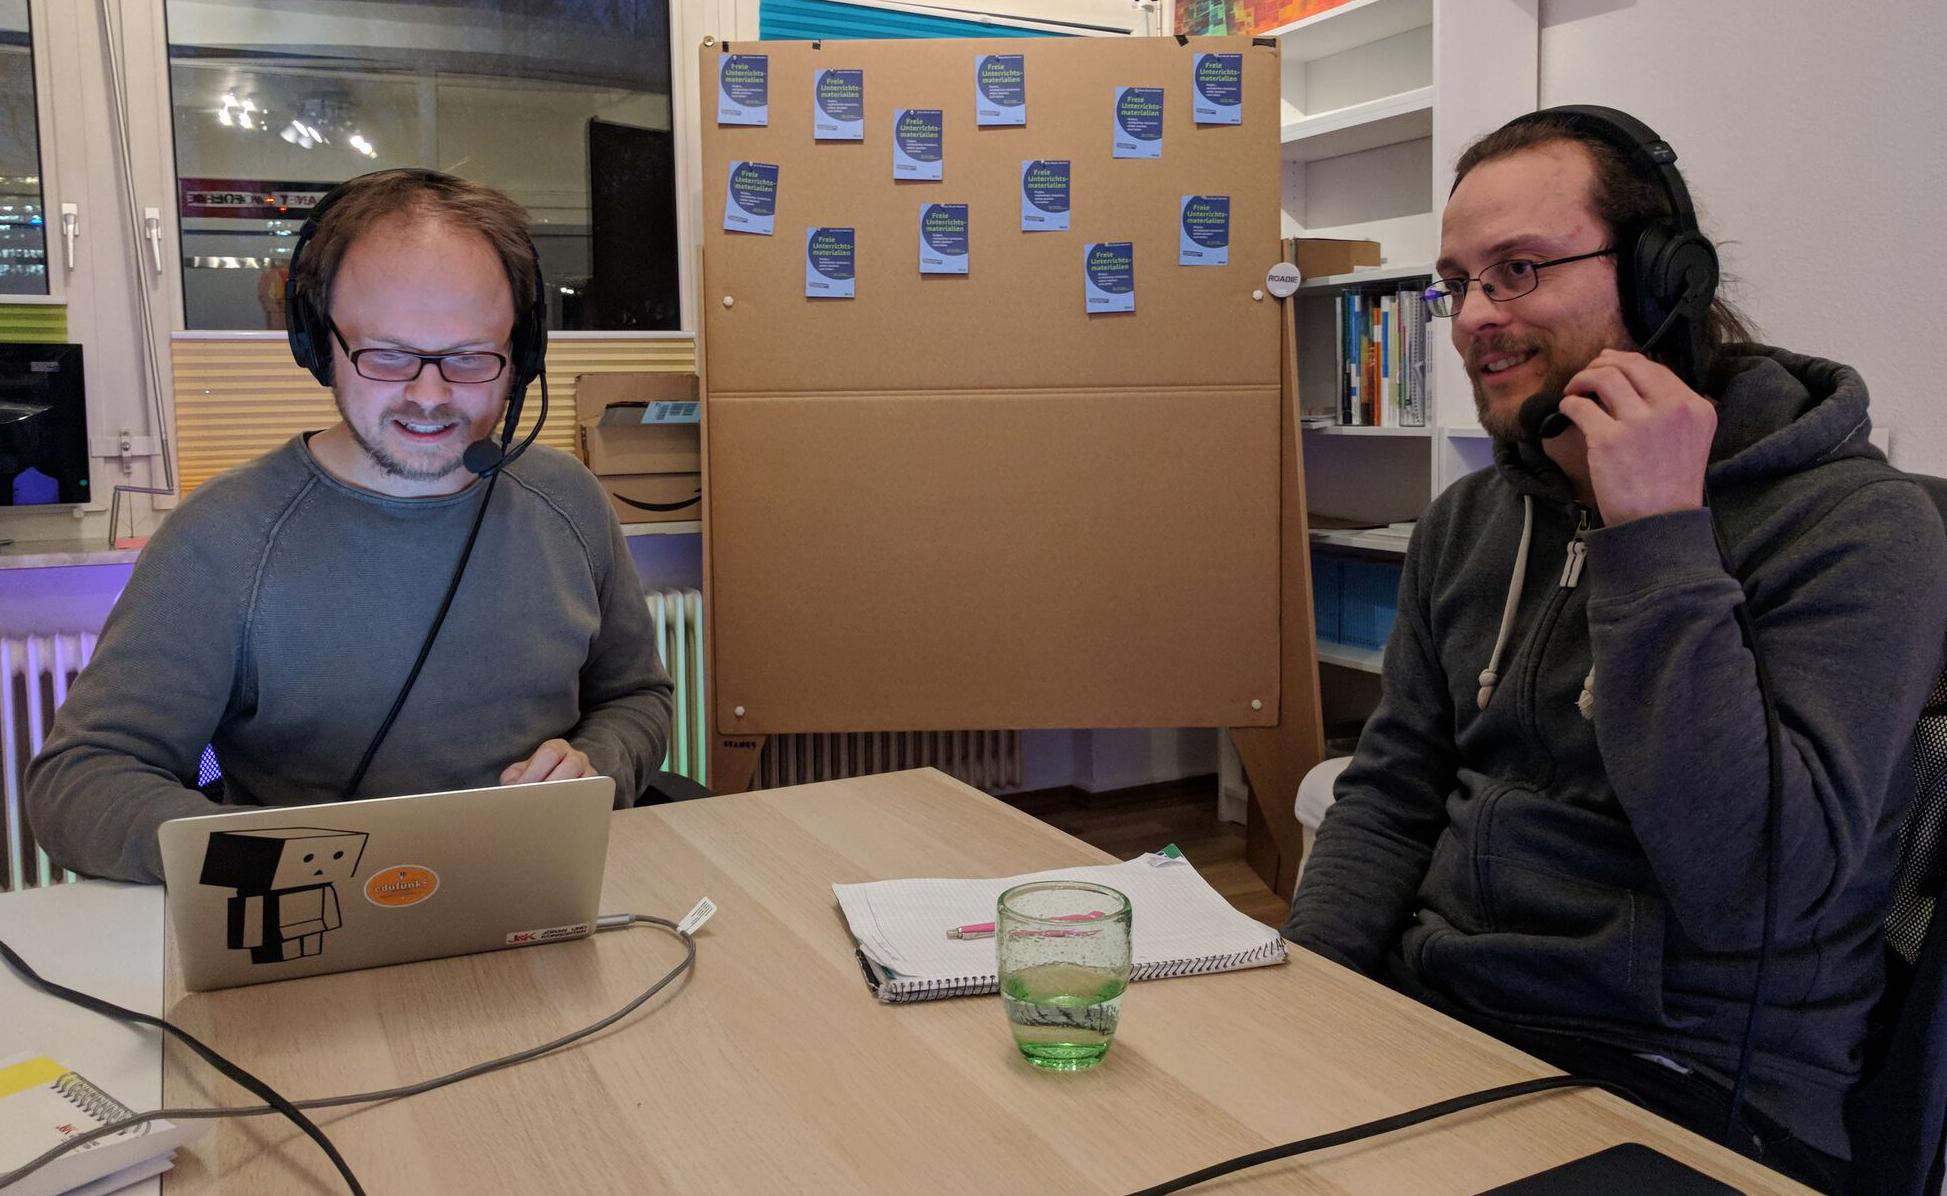 Bildunterschrift: Valentin Dander (re) und Jöran Muuß-Merholz (li) im Gespräch. Foto von Gabi Fahrenkrog unter CC BY 4.0